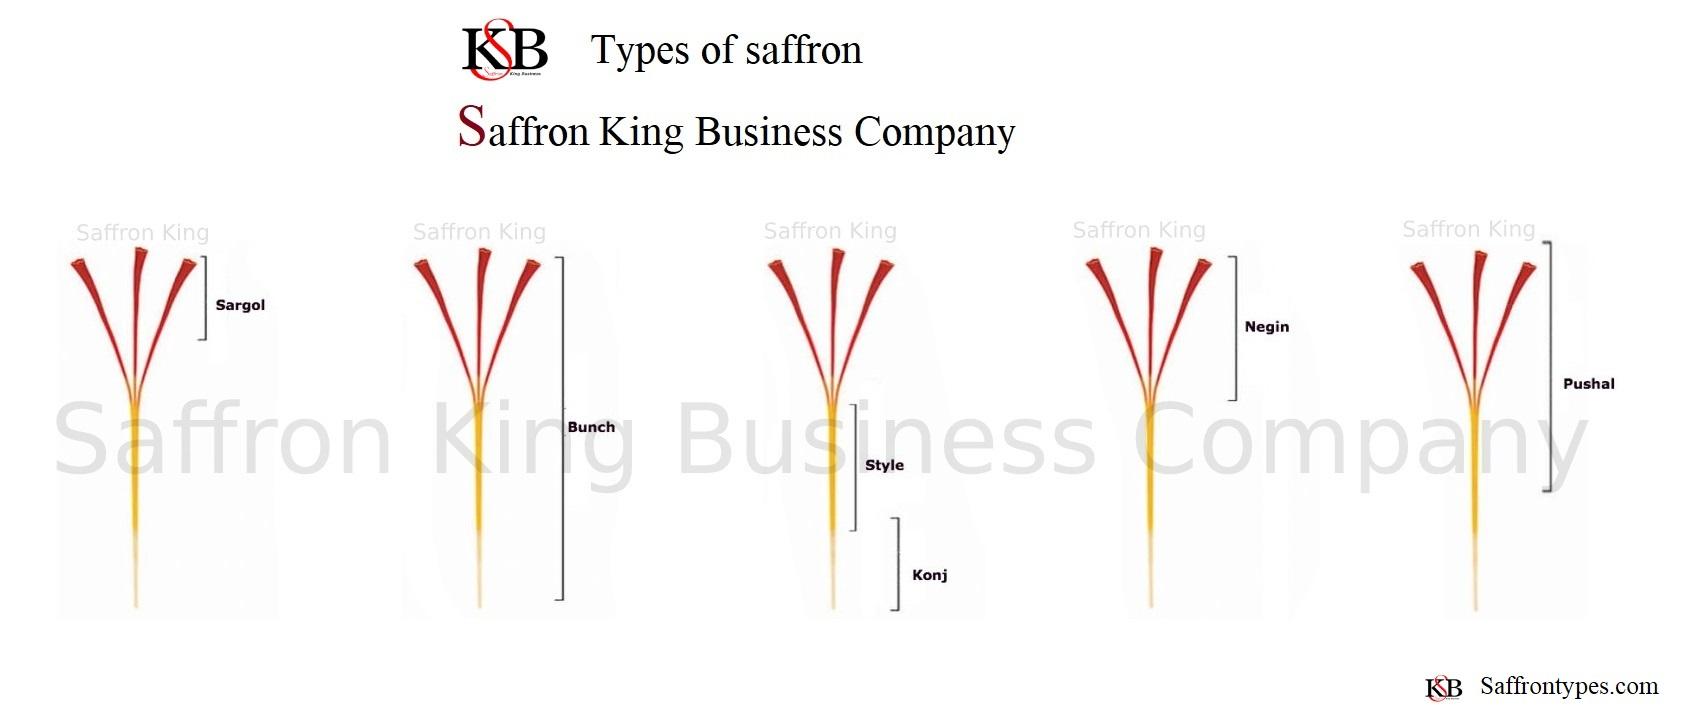 High quality saffron Market size